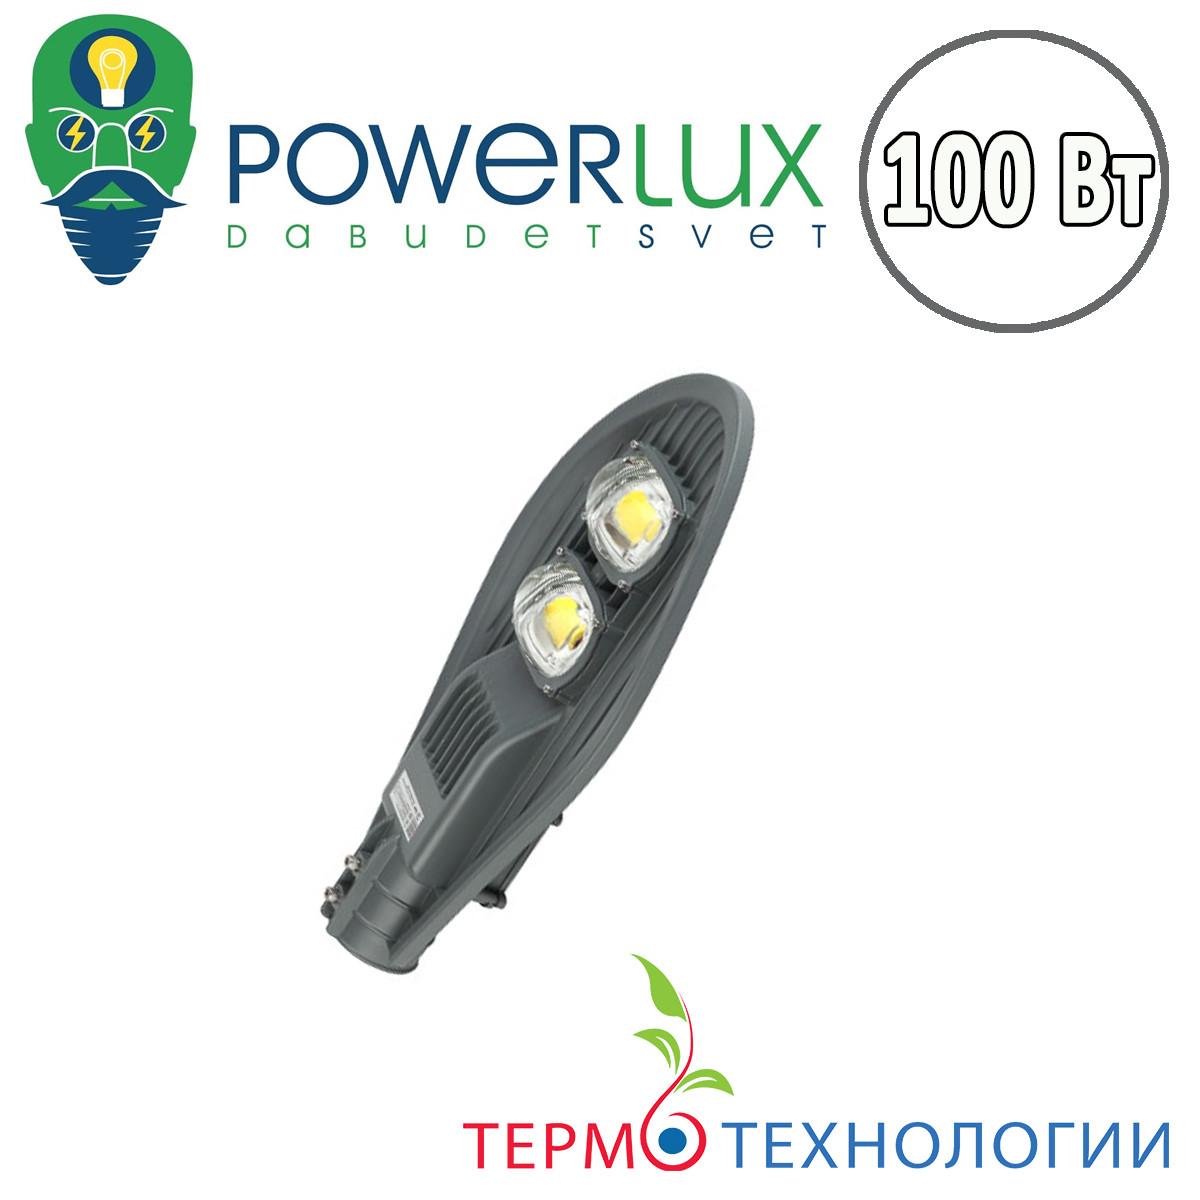 Светодиодный светильник POWERLUX 100 W Silver